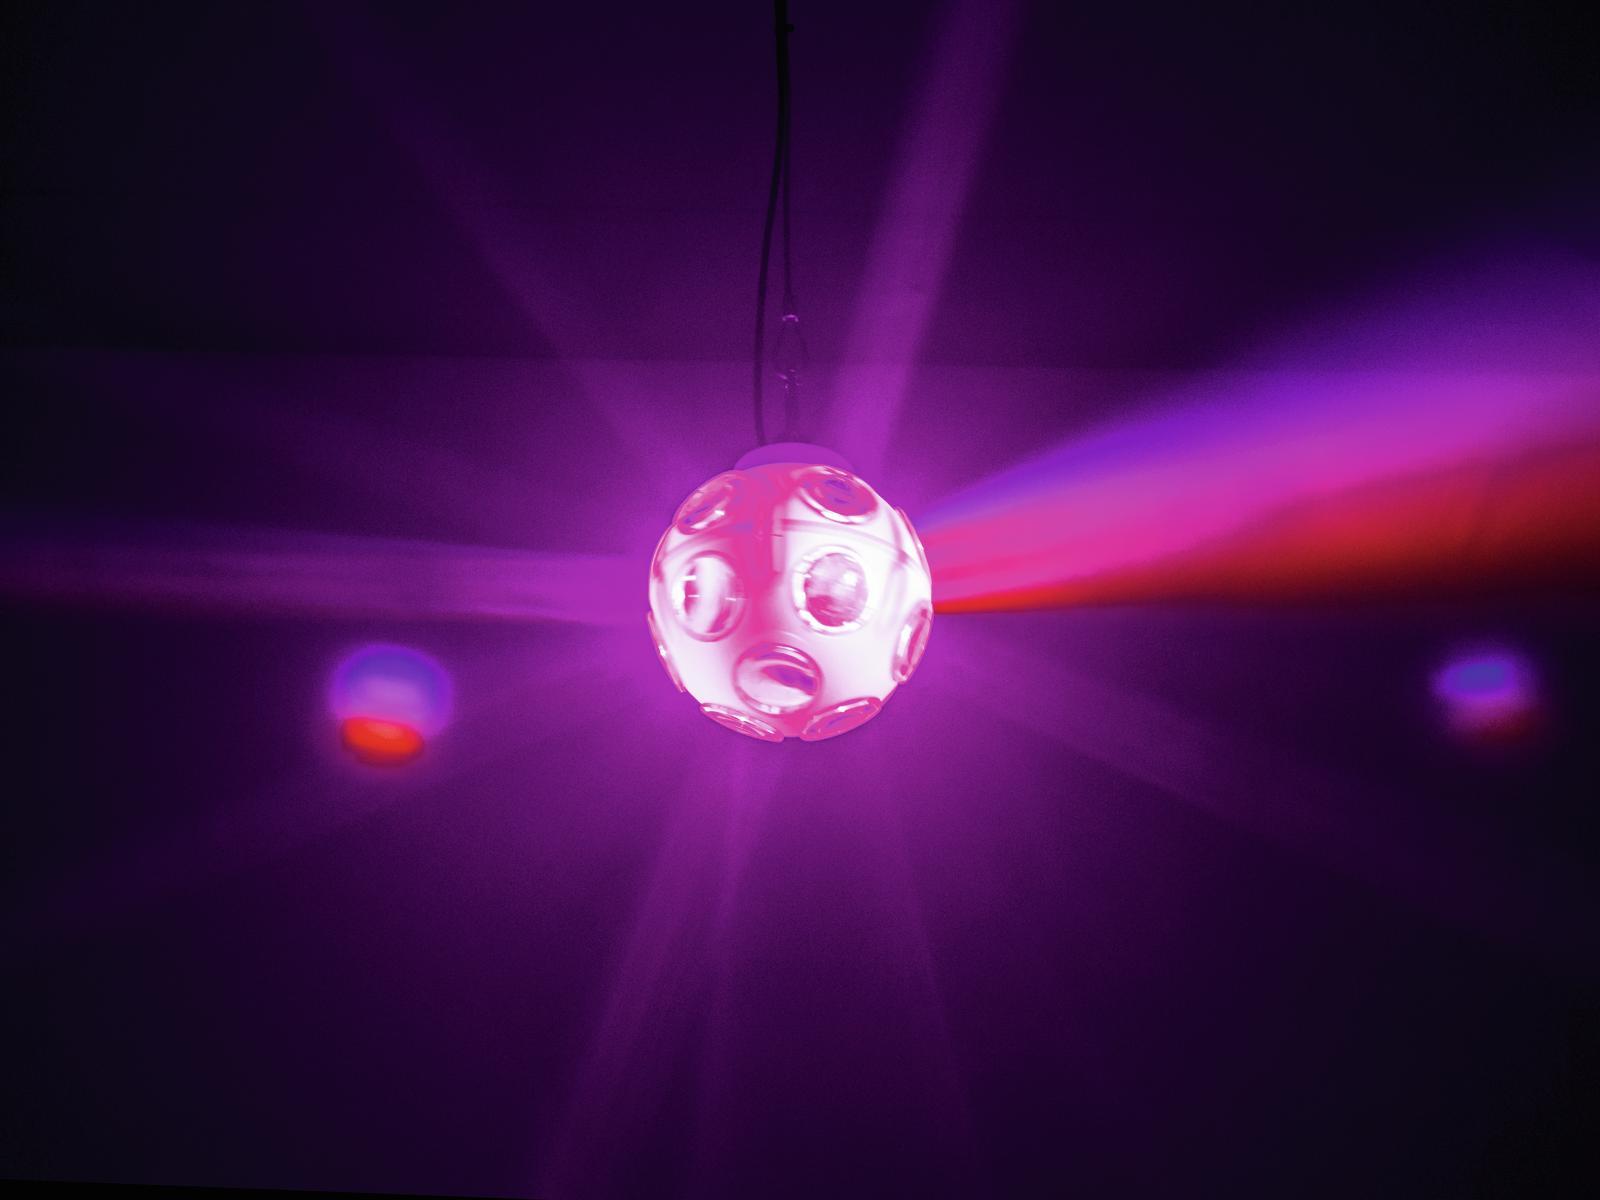 EUROLITE LED SFERA illuminante da interno a esterno colorata 20 cm